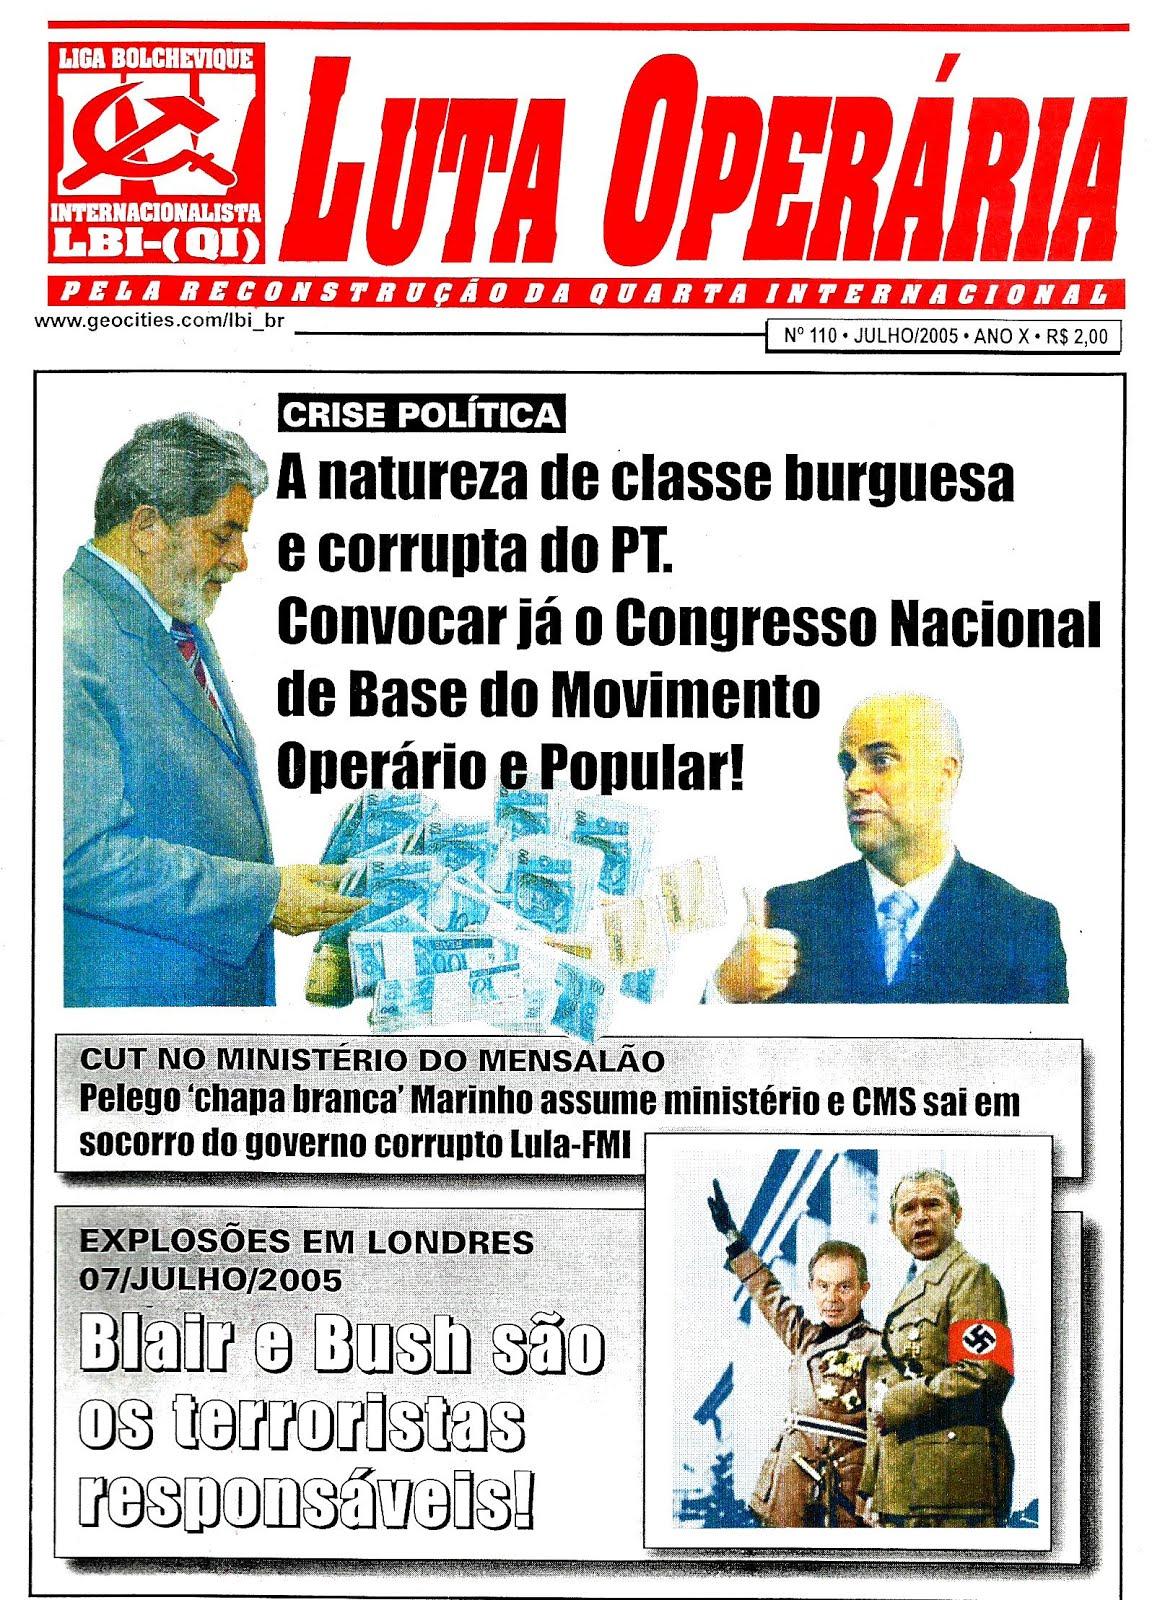 LEIA A EDIÇÃO DO JORNAL LUTA OPERÁRIA Nº 110, JULHO/2005